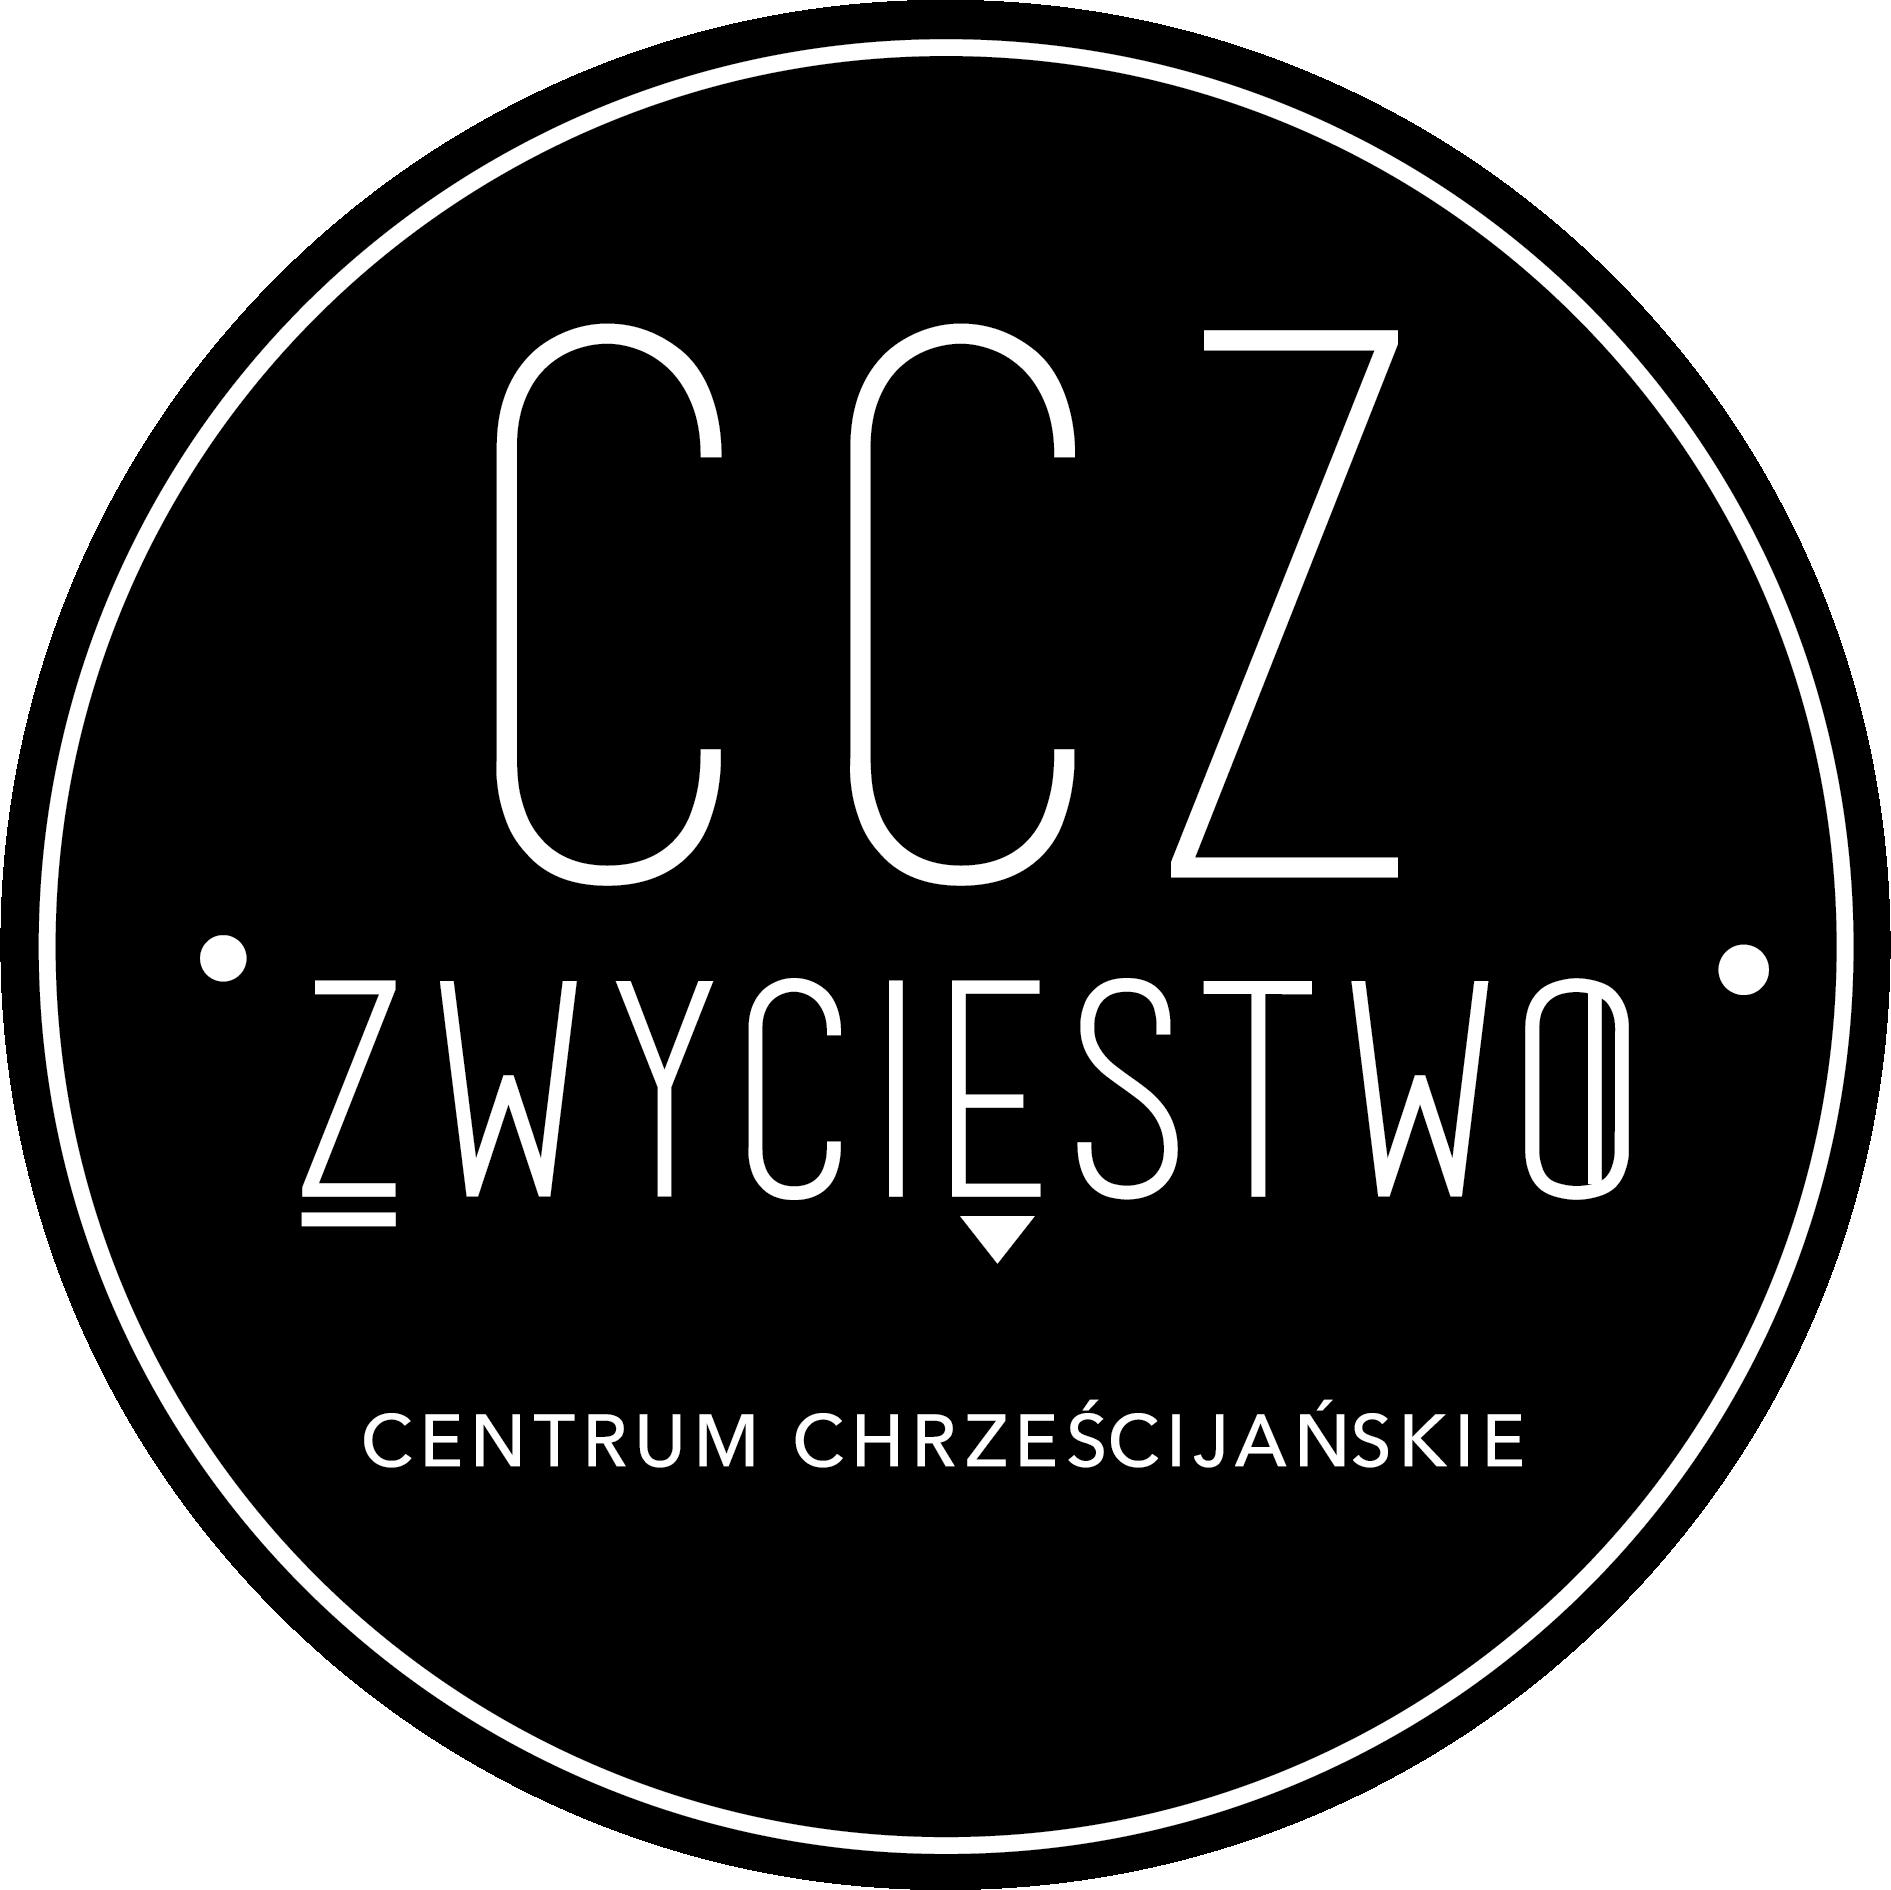 Centrum Chrześcijańskie Zwycięstwo